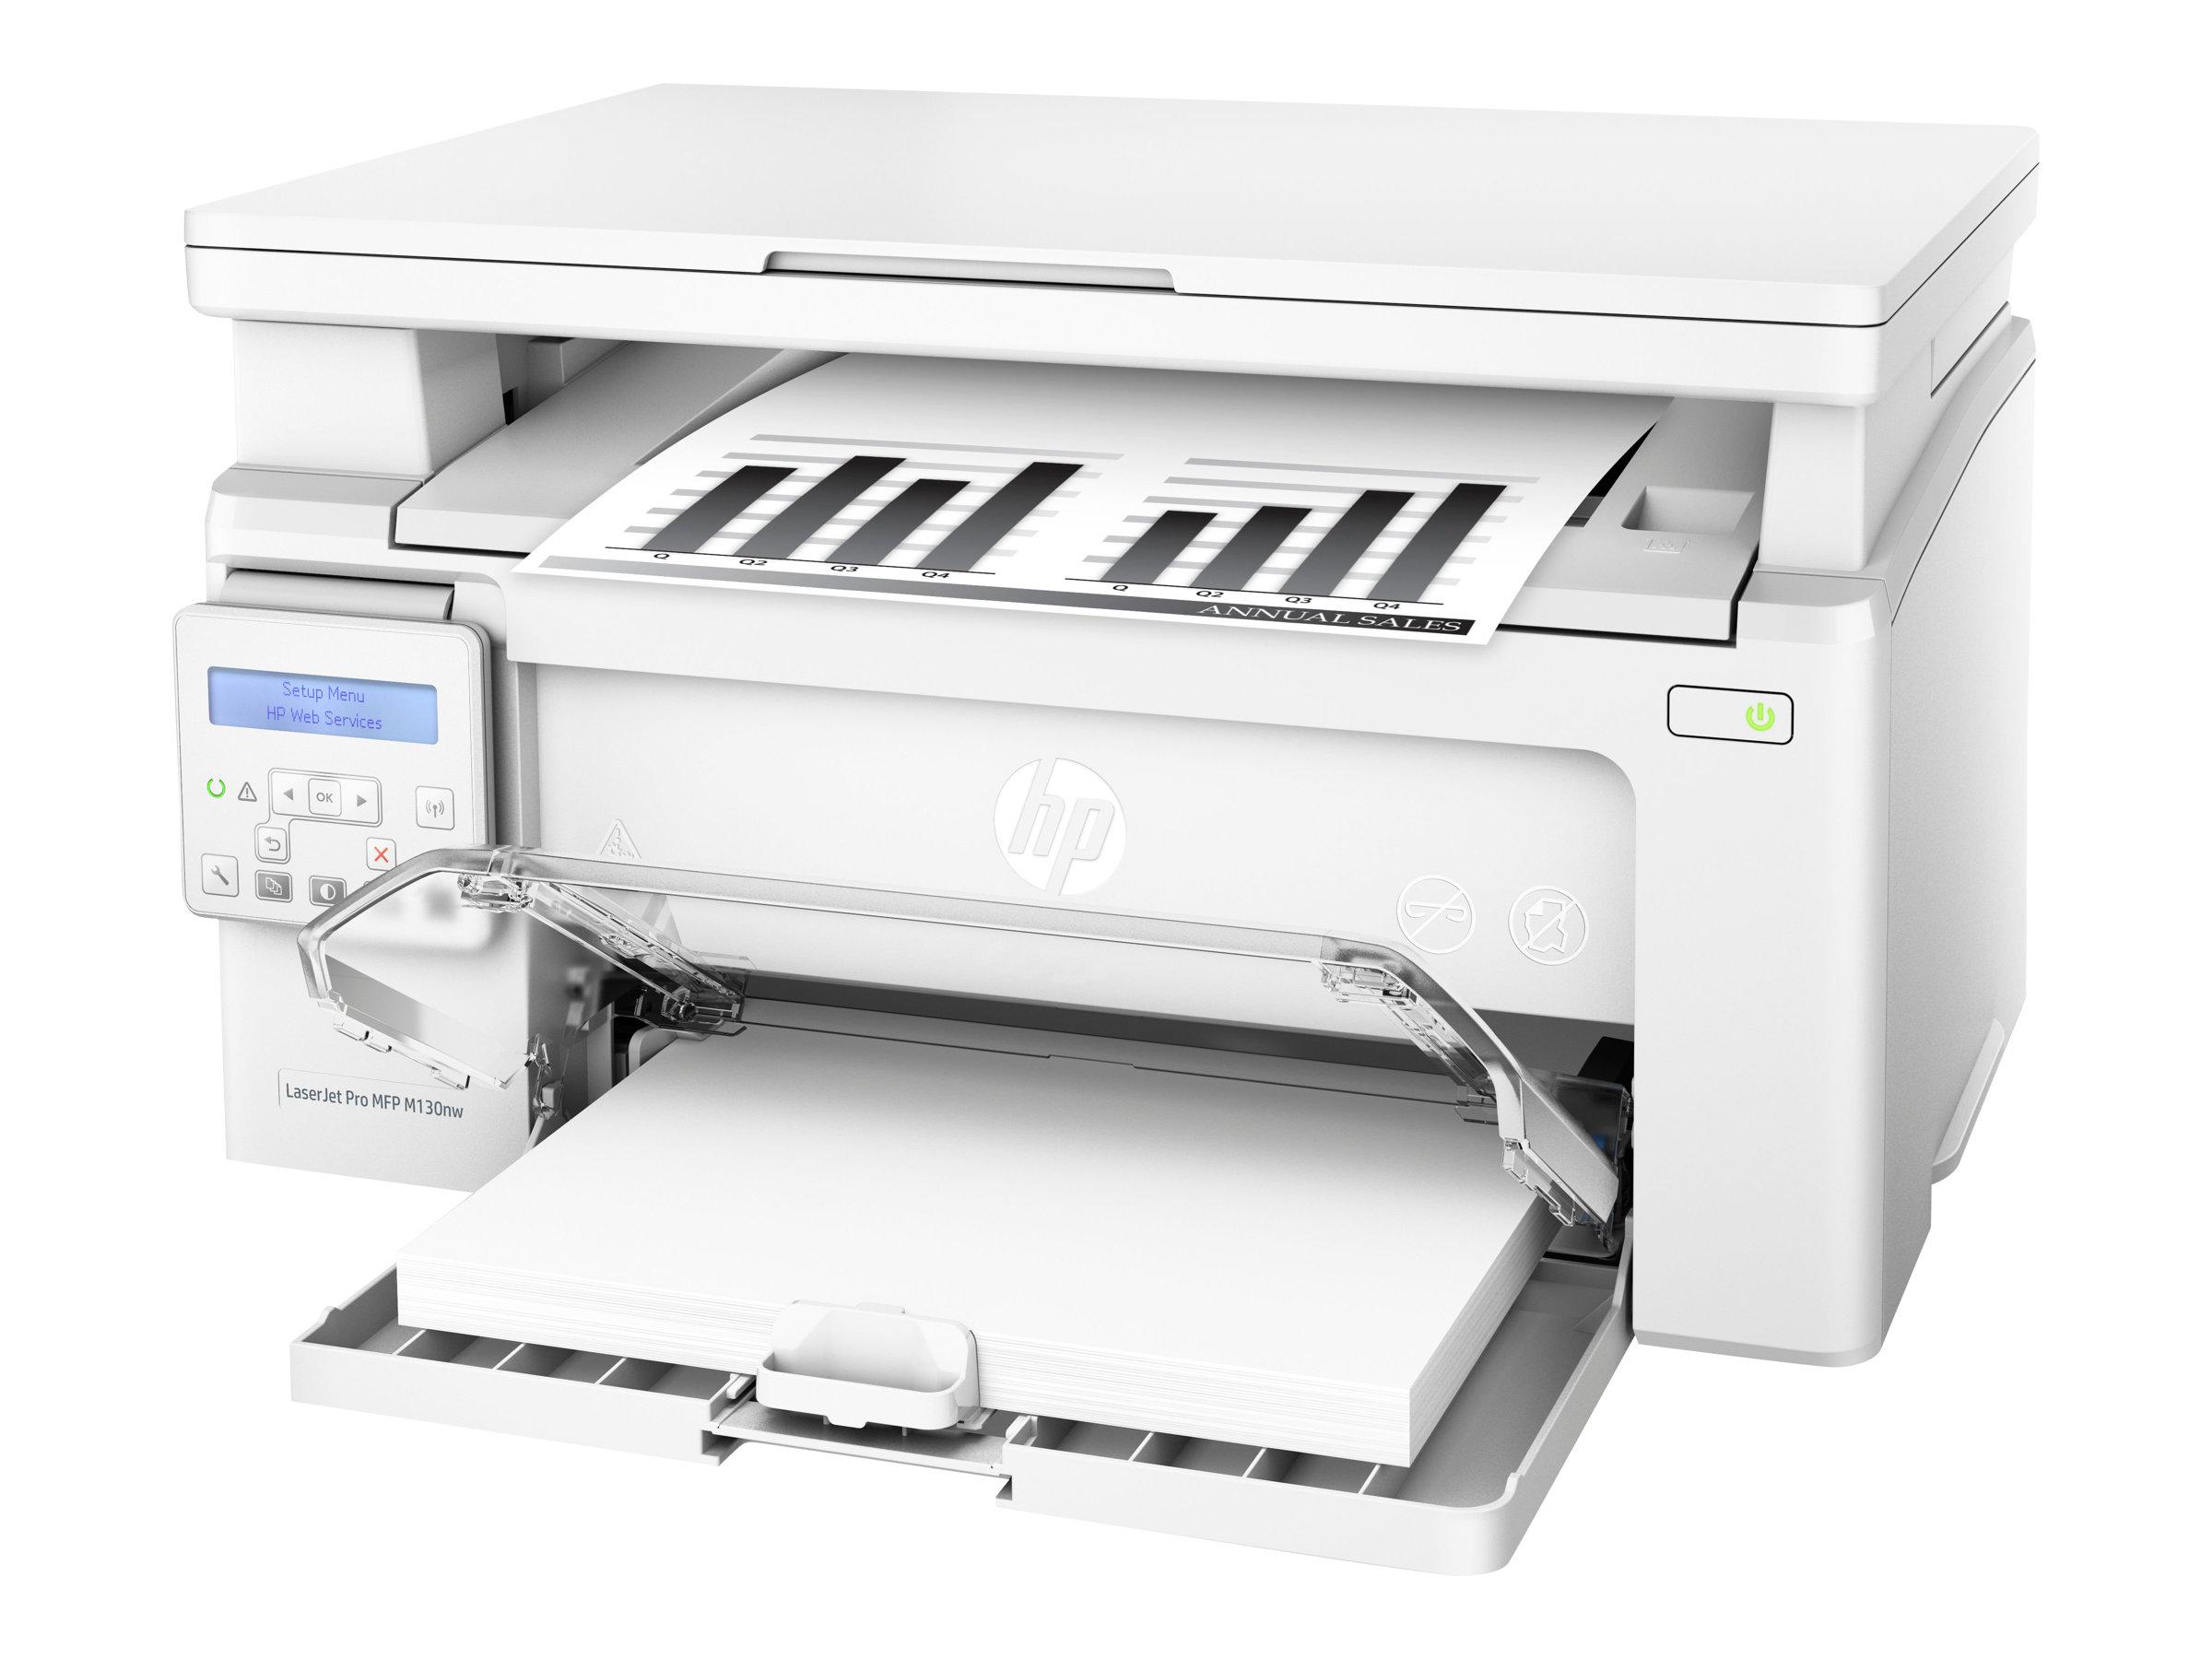 HP LaserJet Pro MFP M130nw - Multifunktionsdrucker - s/w - Laser - 215.9 x 297 mm (Original) - A4/Legal (Medien)